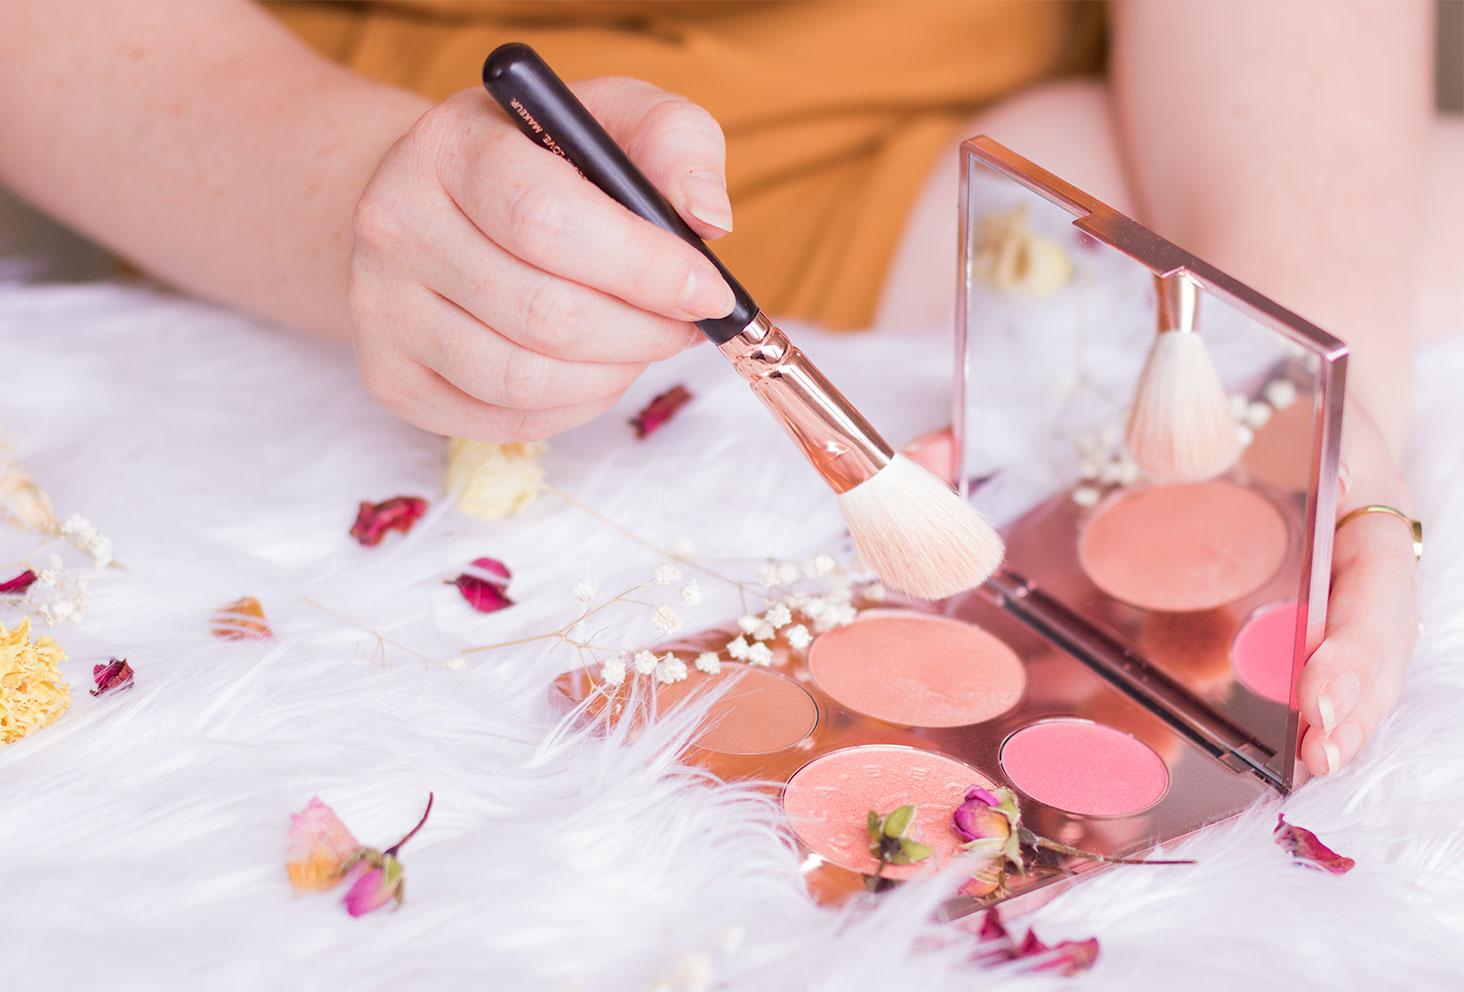 La palette Becca en pleine utilisation de l'highlighter avec un pinceau Zoeva au milieu des fleurs séchées